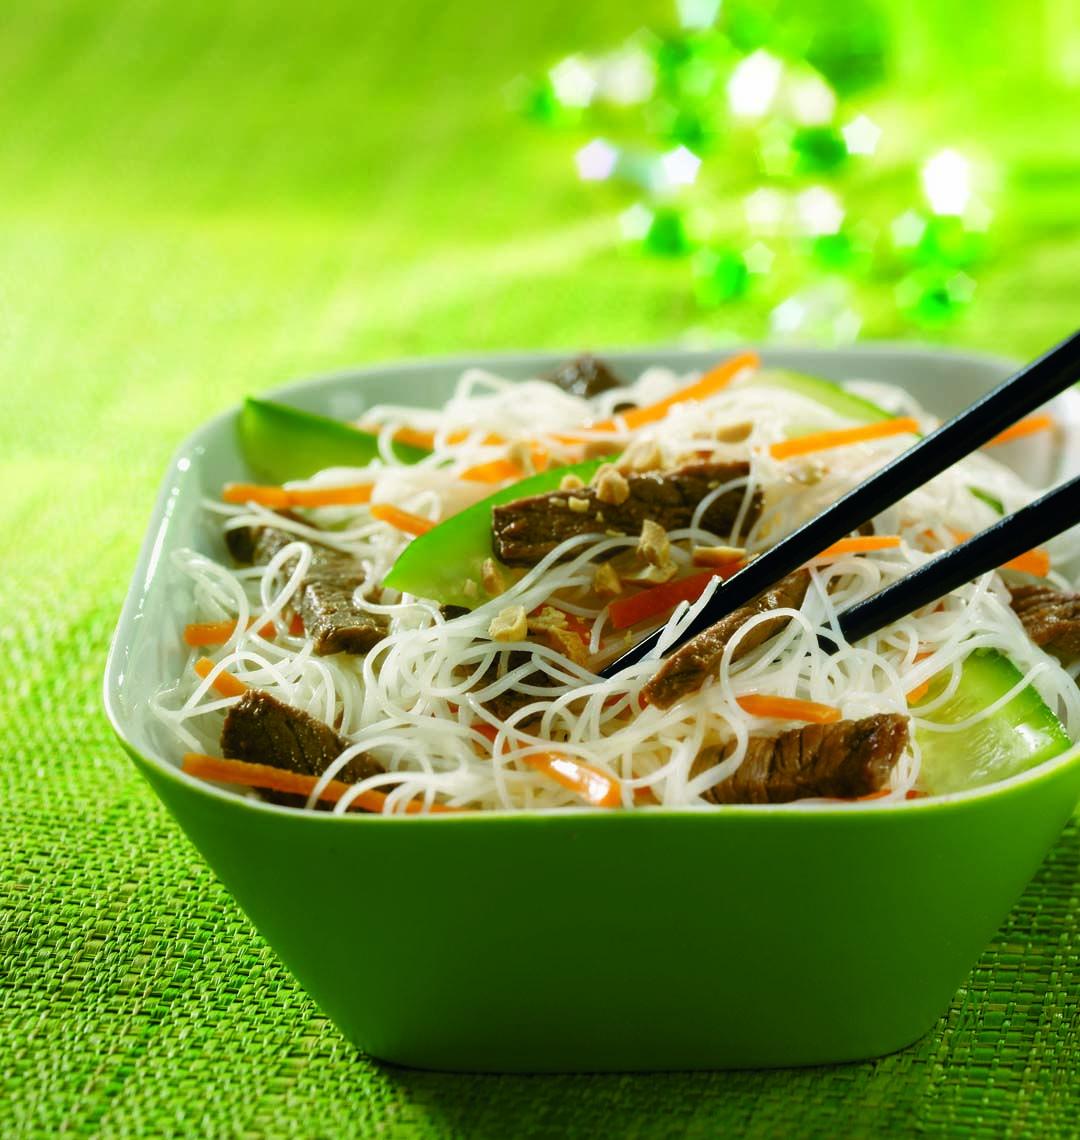 Bobun Au Boeuf Recette Vermicelles Cuisine Asiatique Recettes De Cuisine